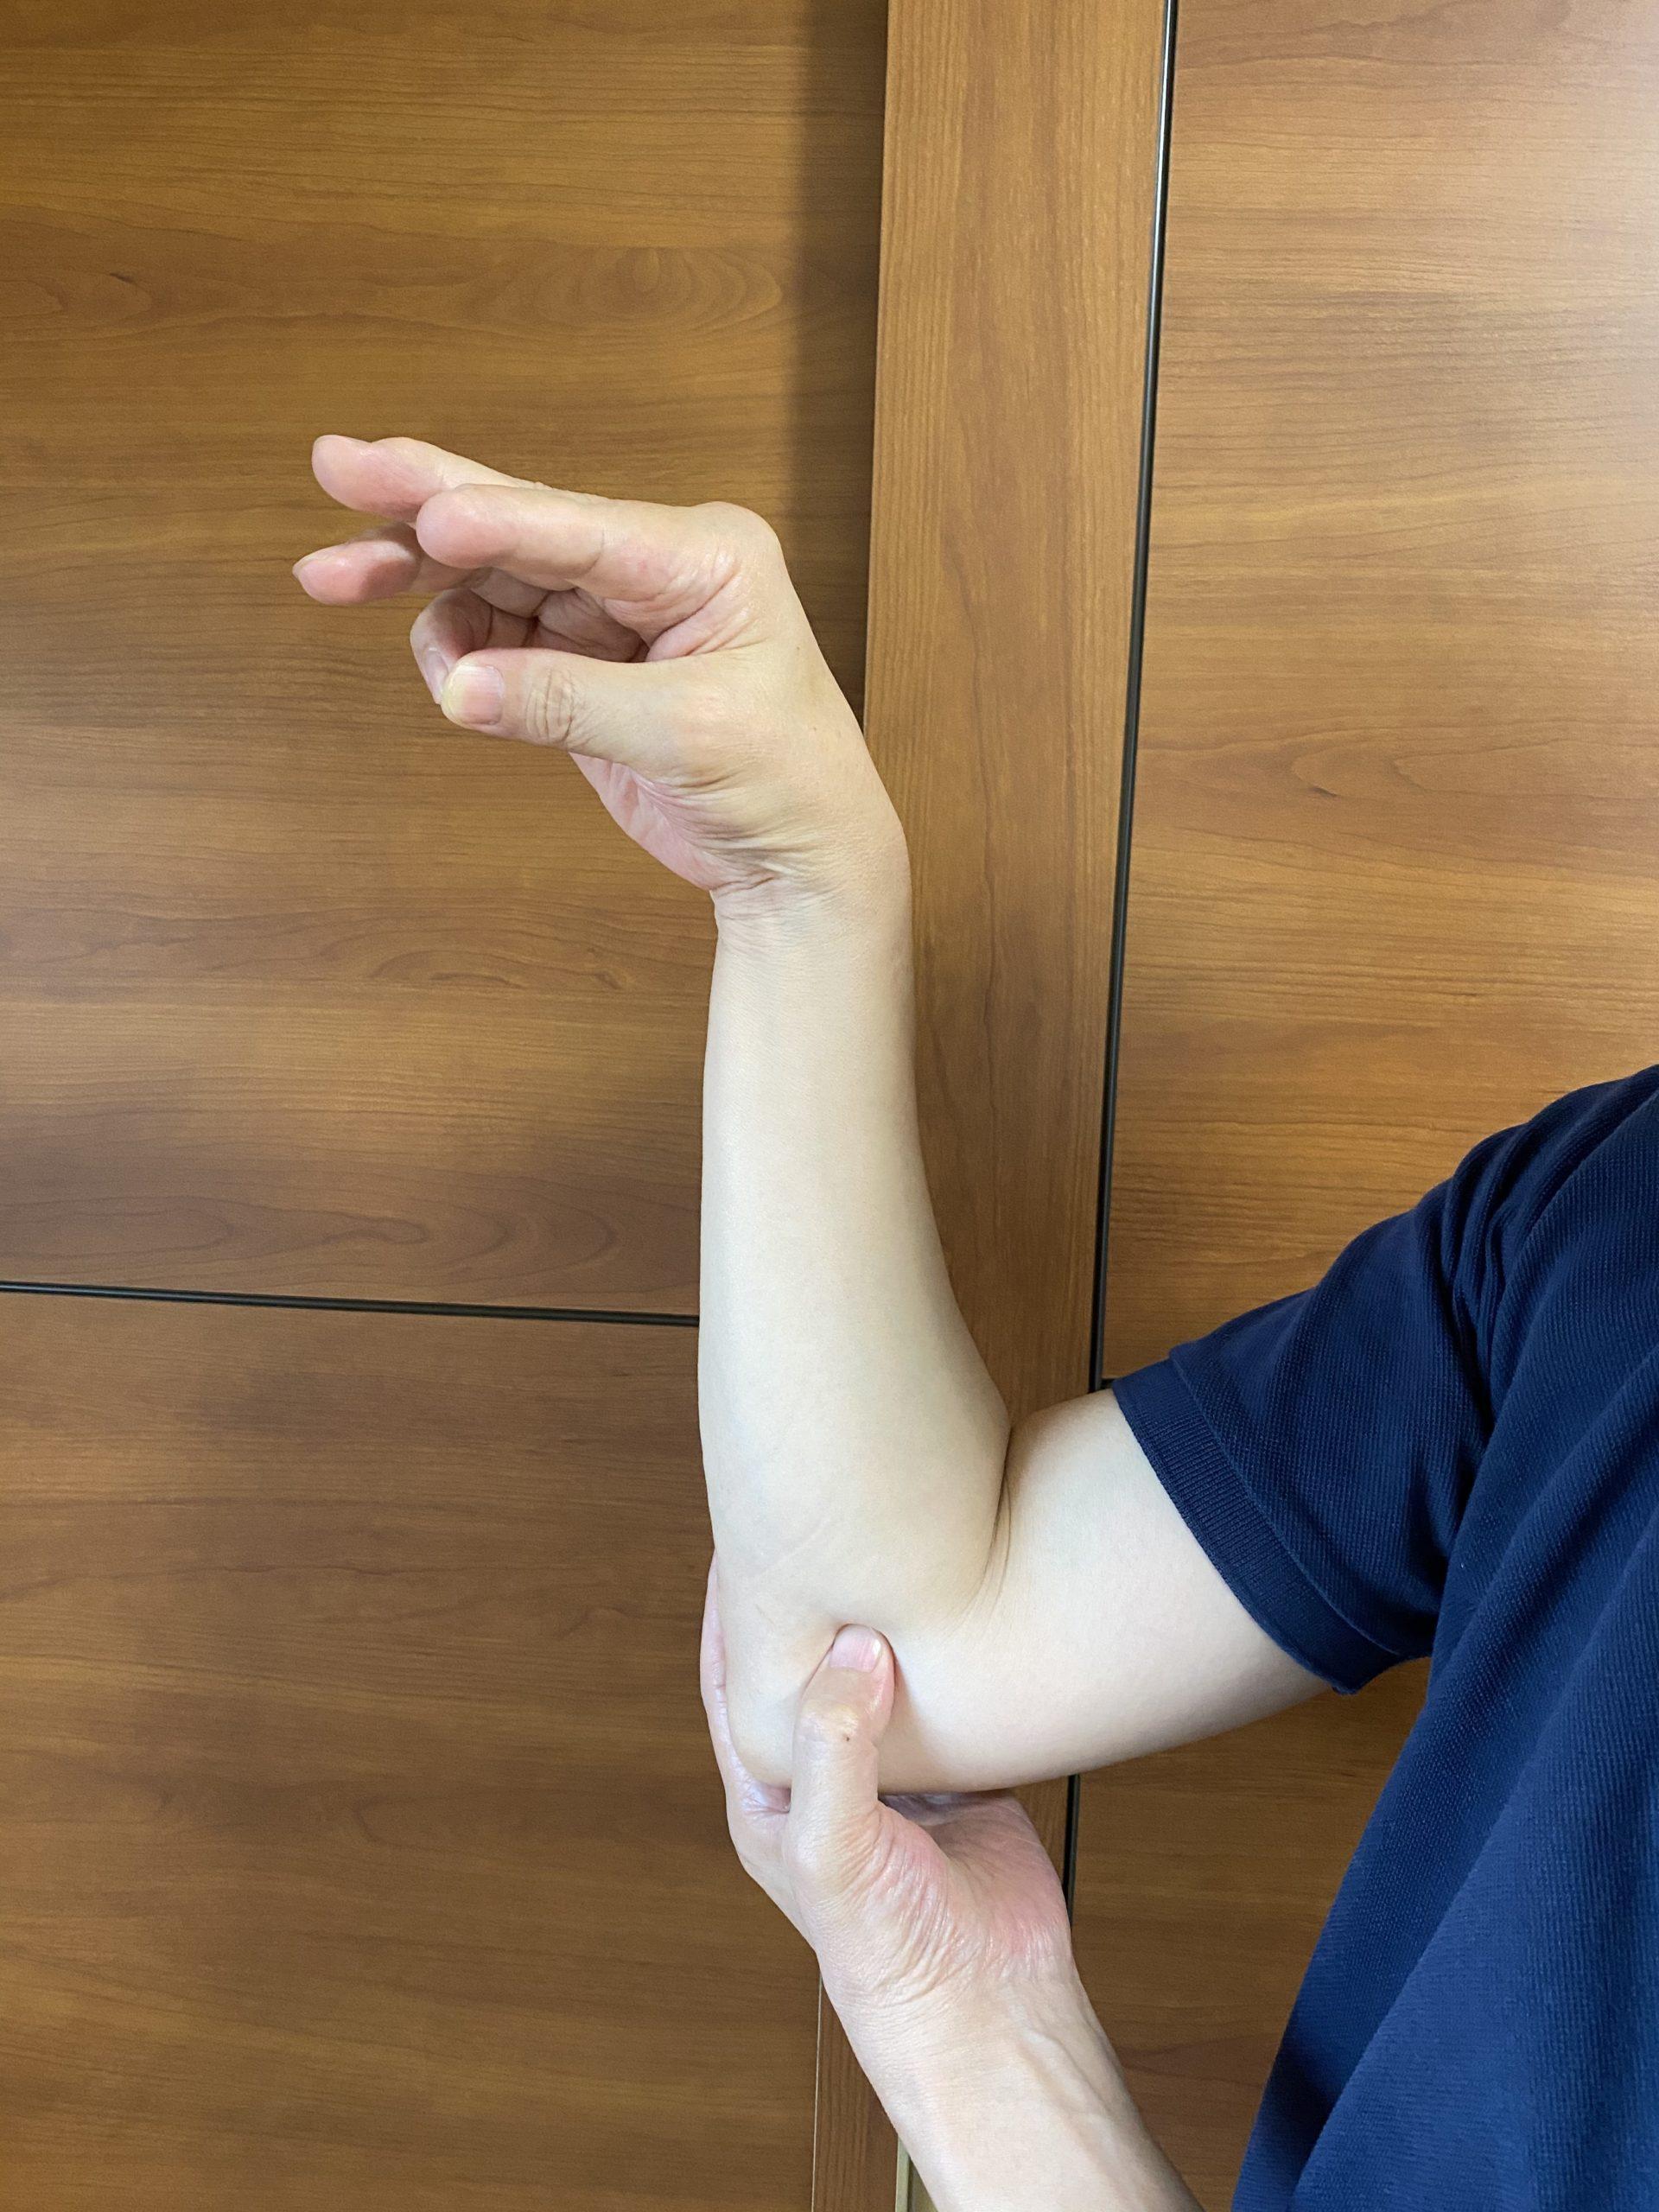 関節リウマチの肩の痛みを和らげる方法